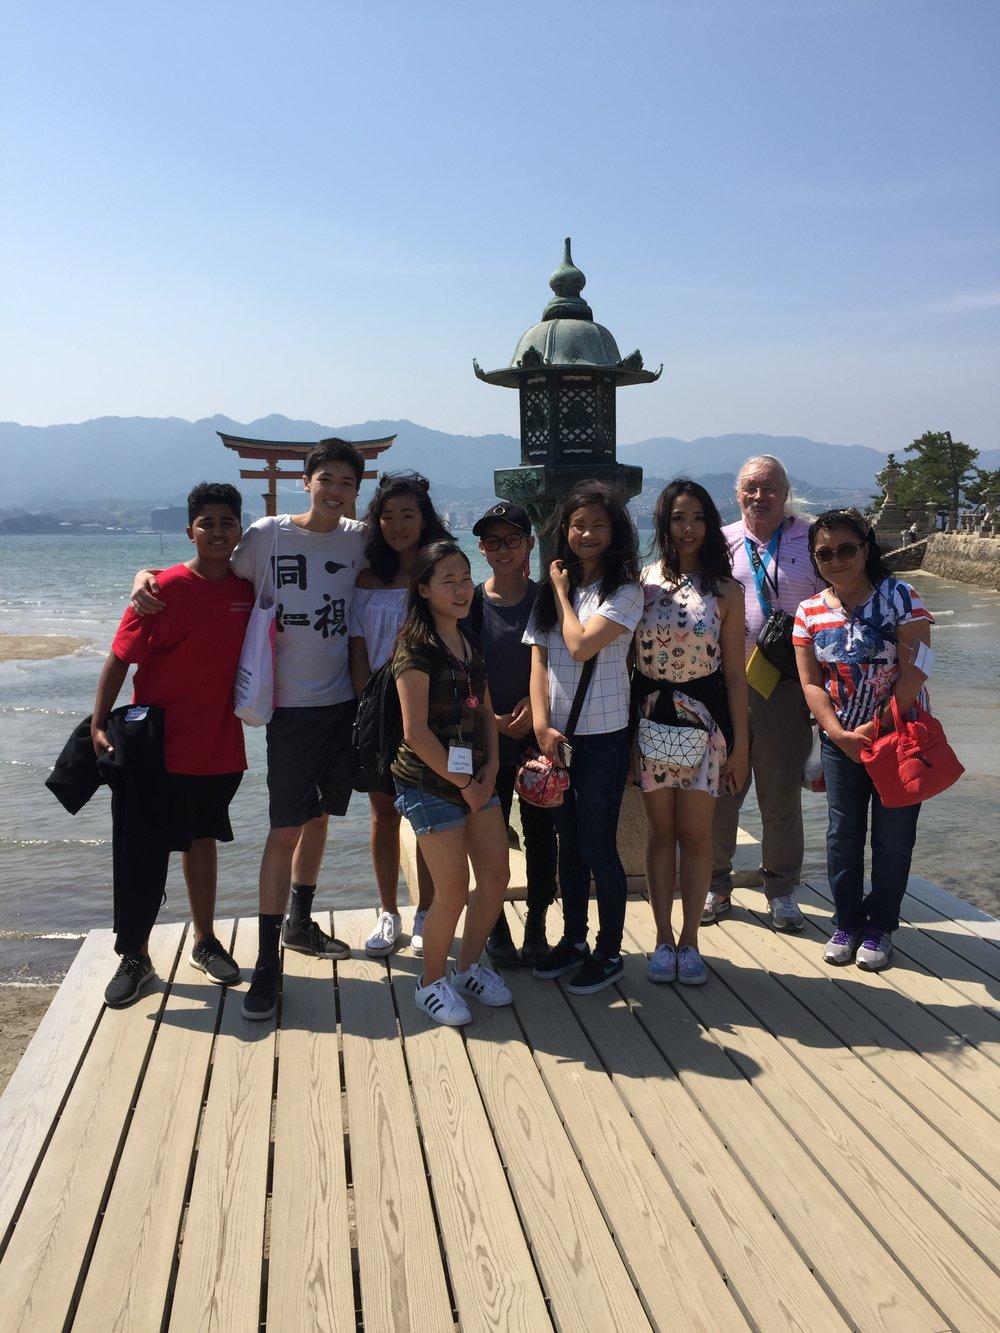 Visiting Itsukushima near Hiroshima